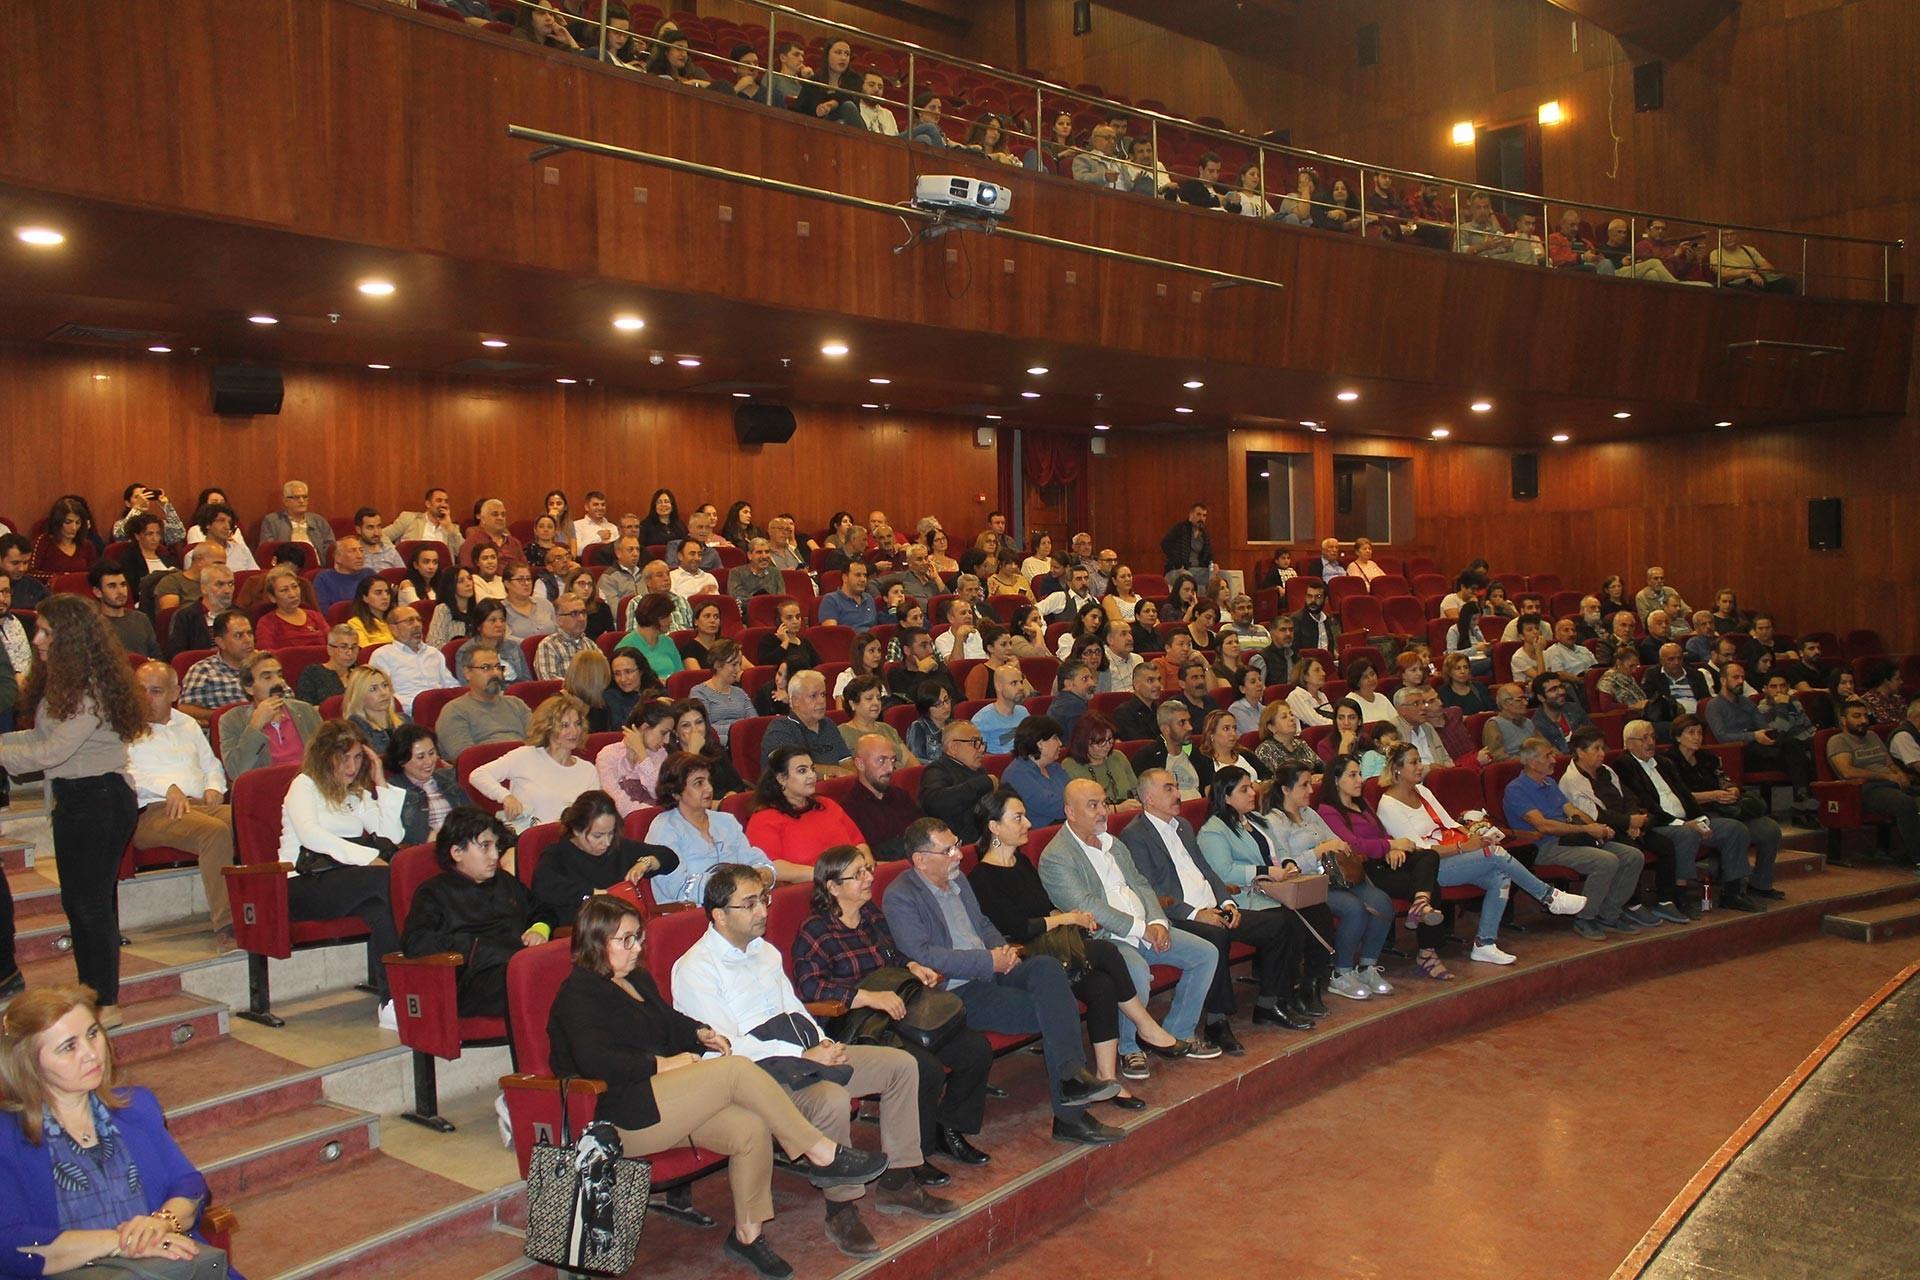 Adana'da düzenlenen Evrensel ile dayanışma etkinliğine katılan konuklar